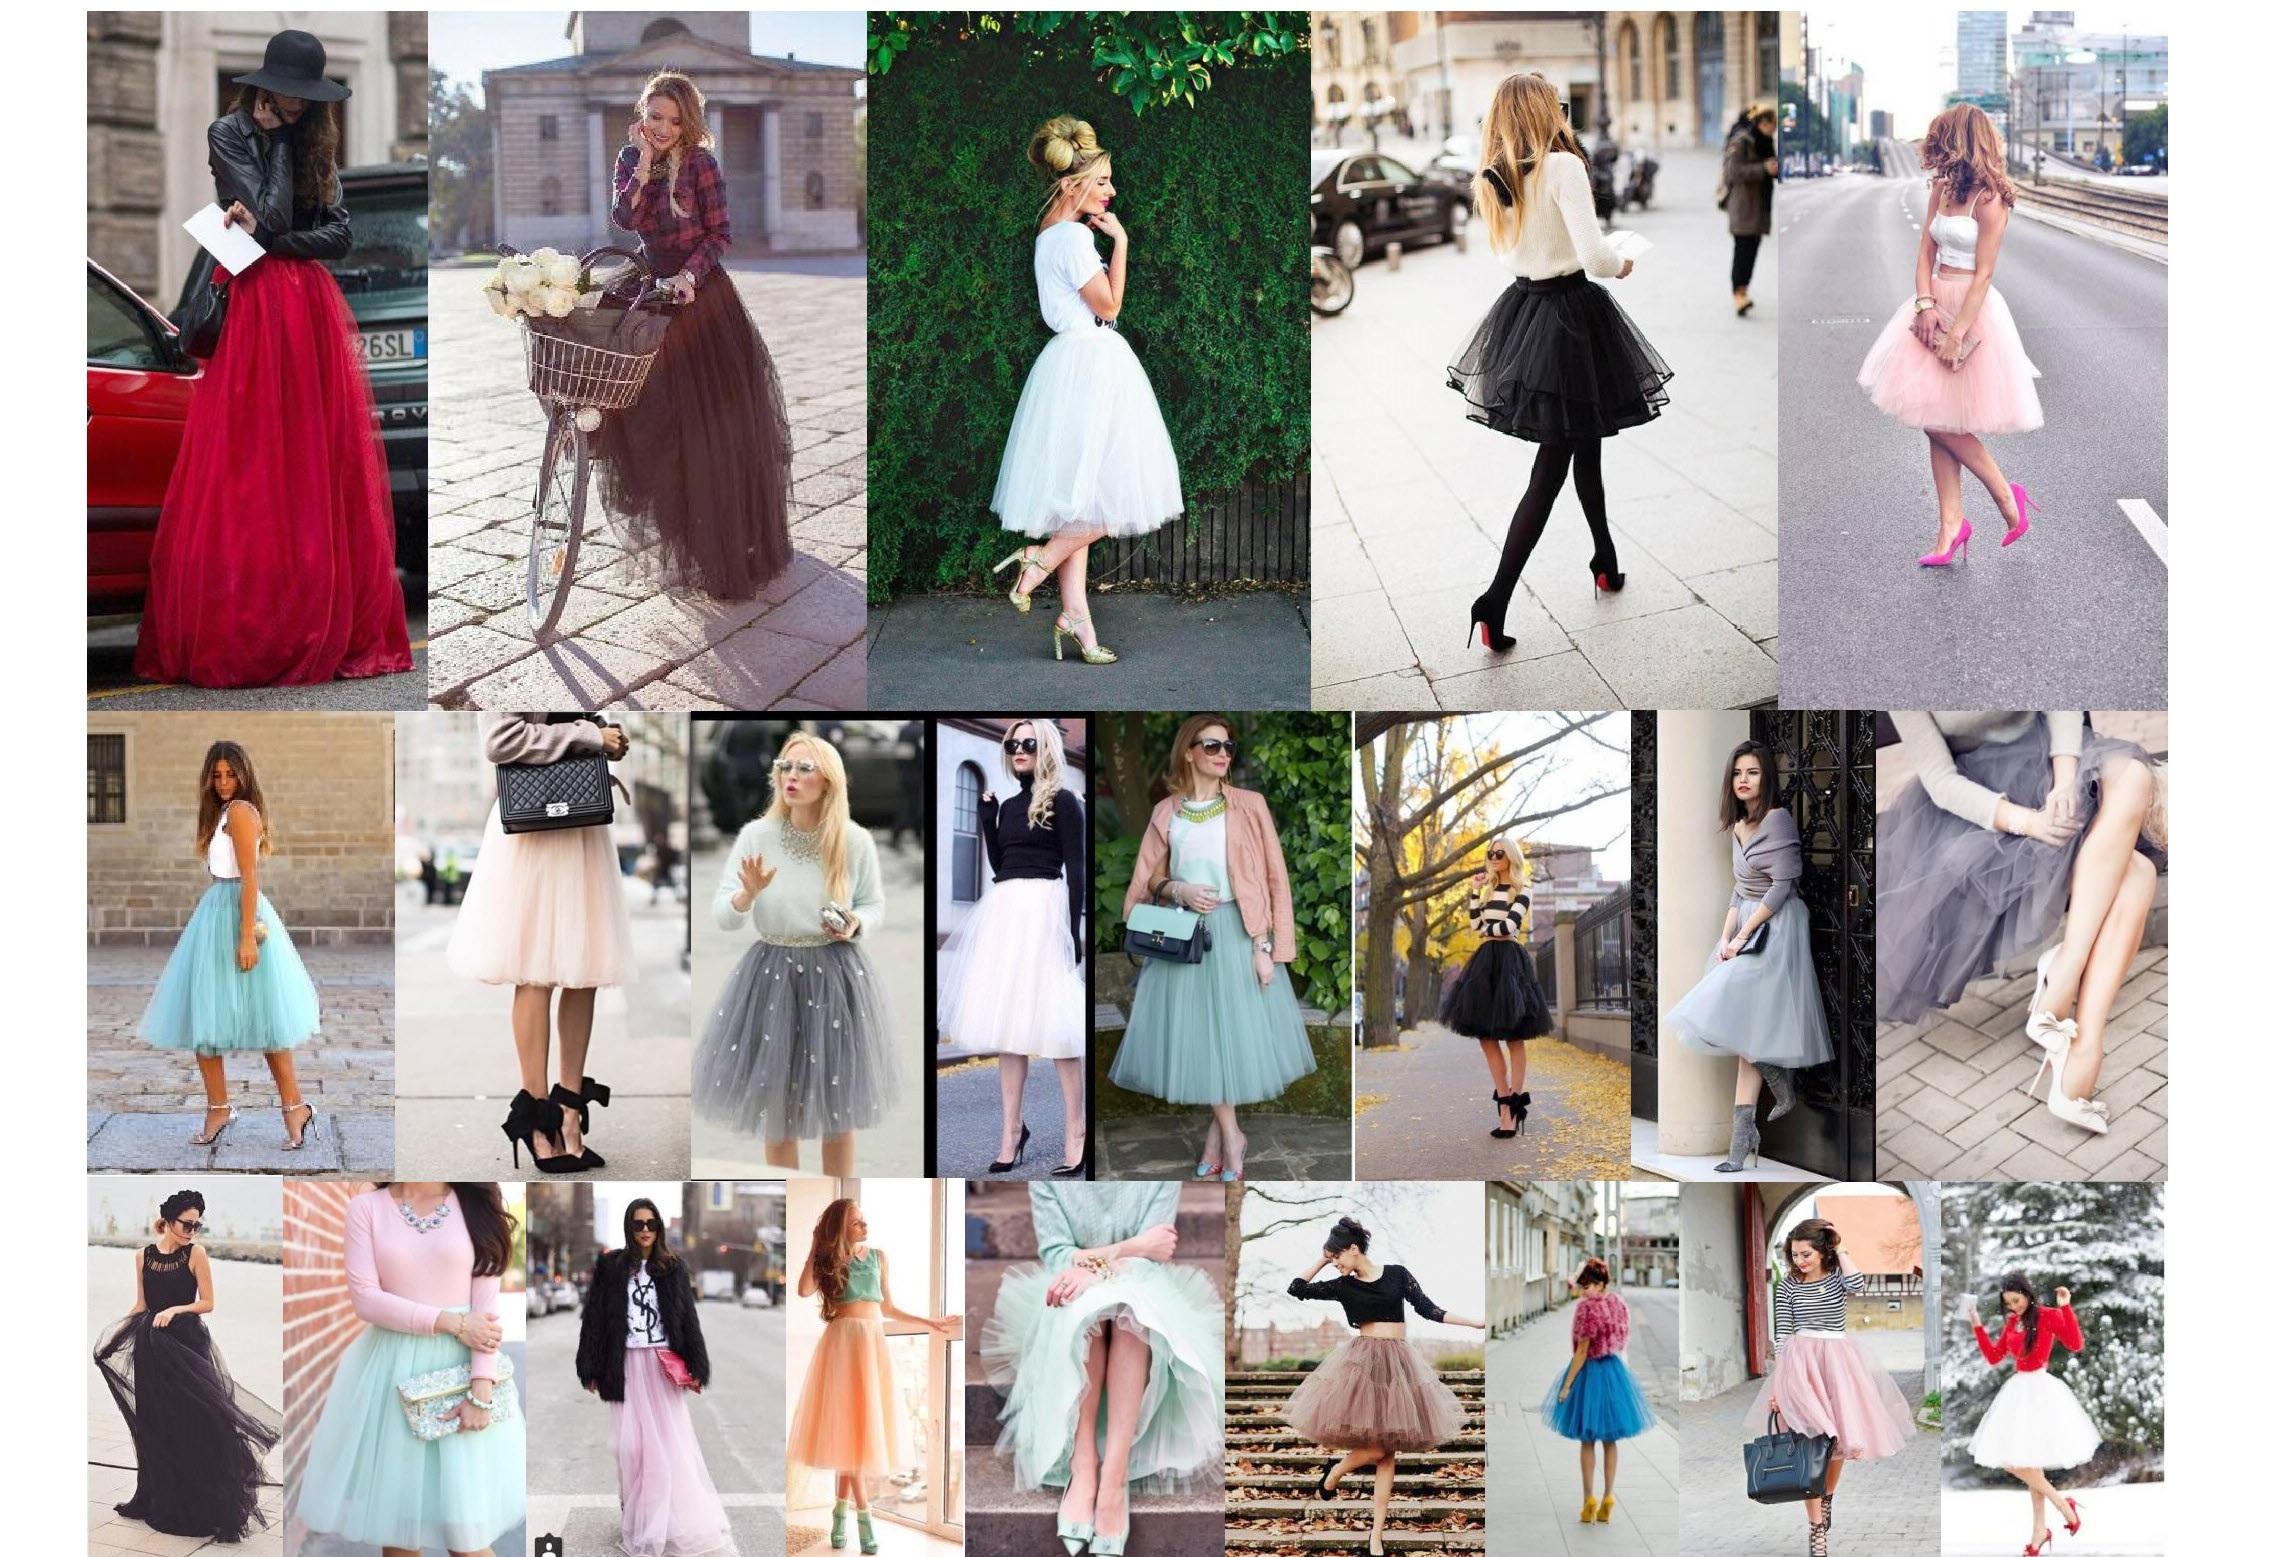 Сбор заказов. Балет на подиуме- полюбившиеся многим юбки из фатина Farfalle, а также умопомрачительная коллекция вечерней моды и специальная коллекция для выпускного. Сделано в России)